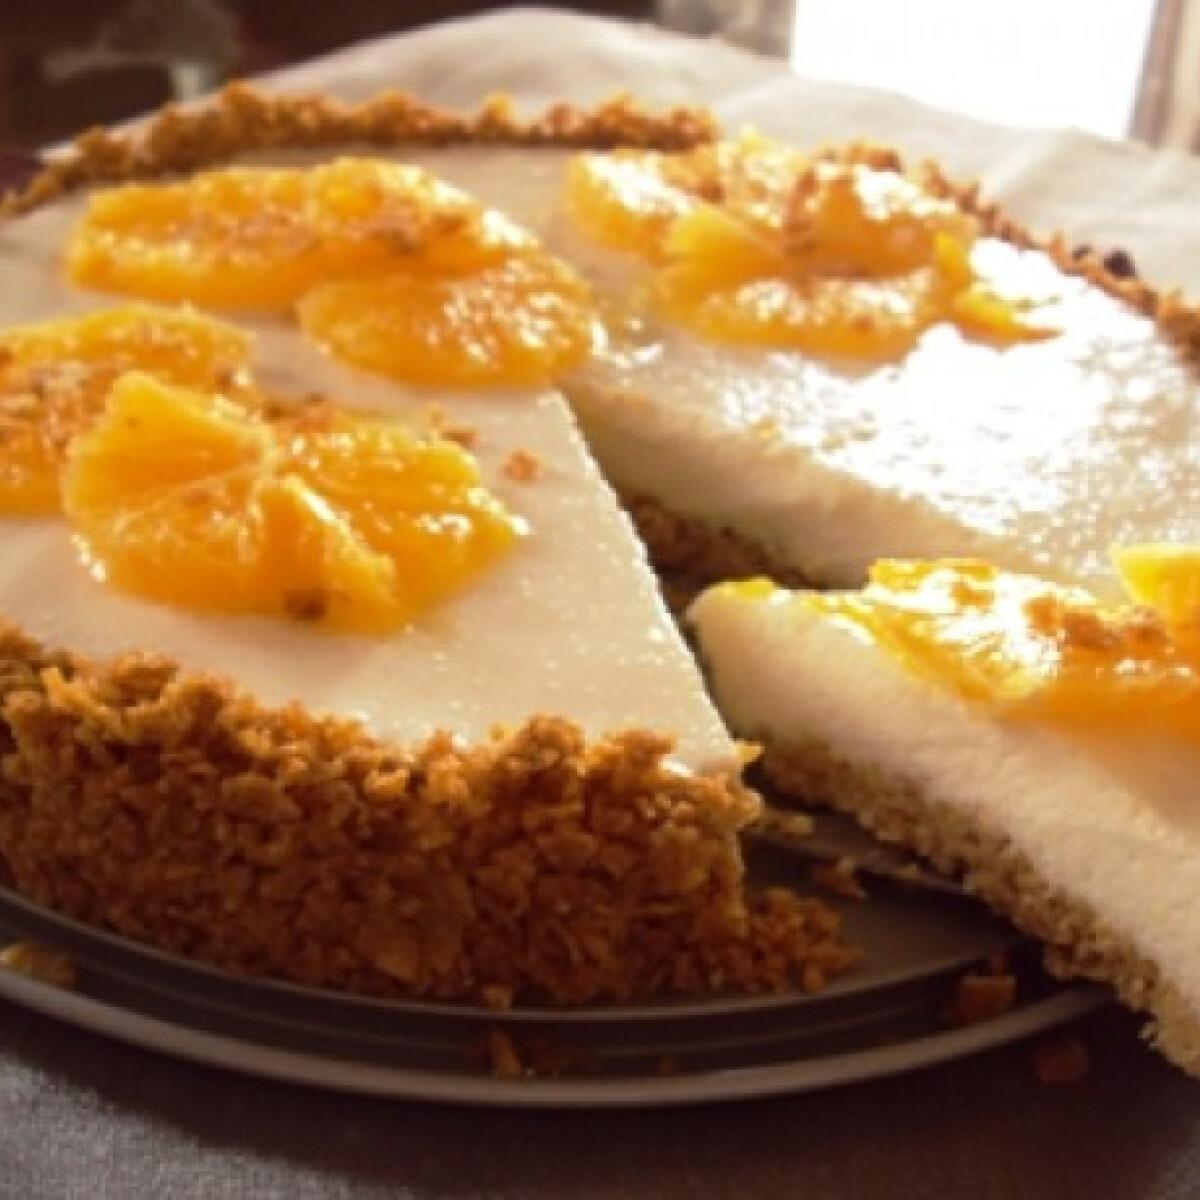 Ezen a képen: Görög joghurt és corn flakes torta